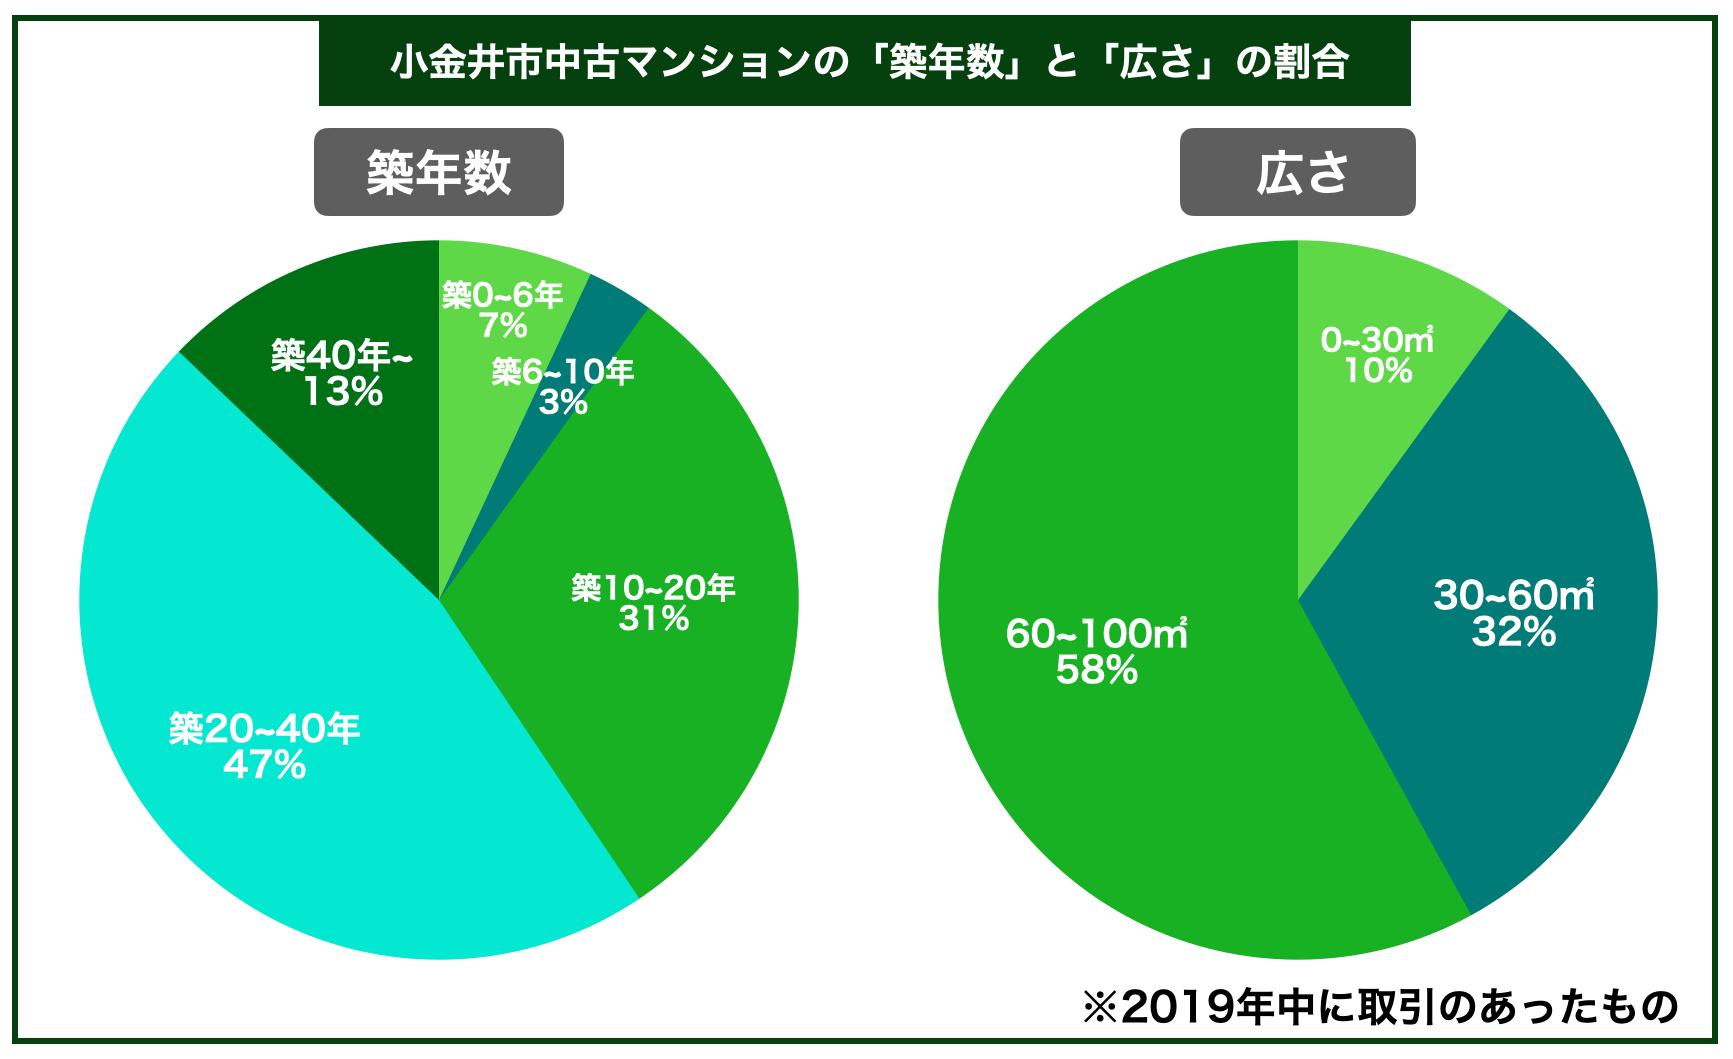 小金井市マンション築年数広さ割合